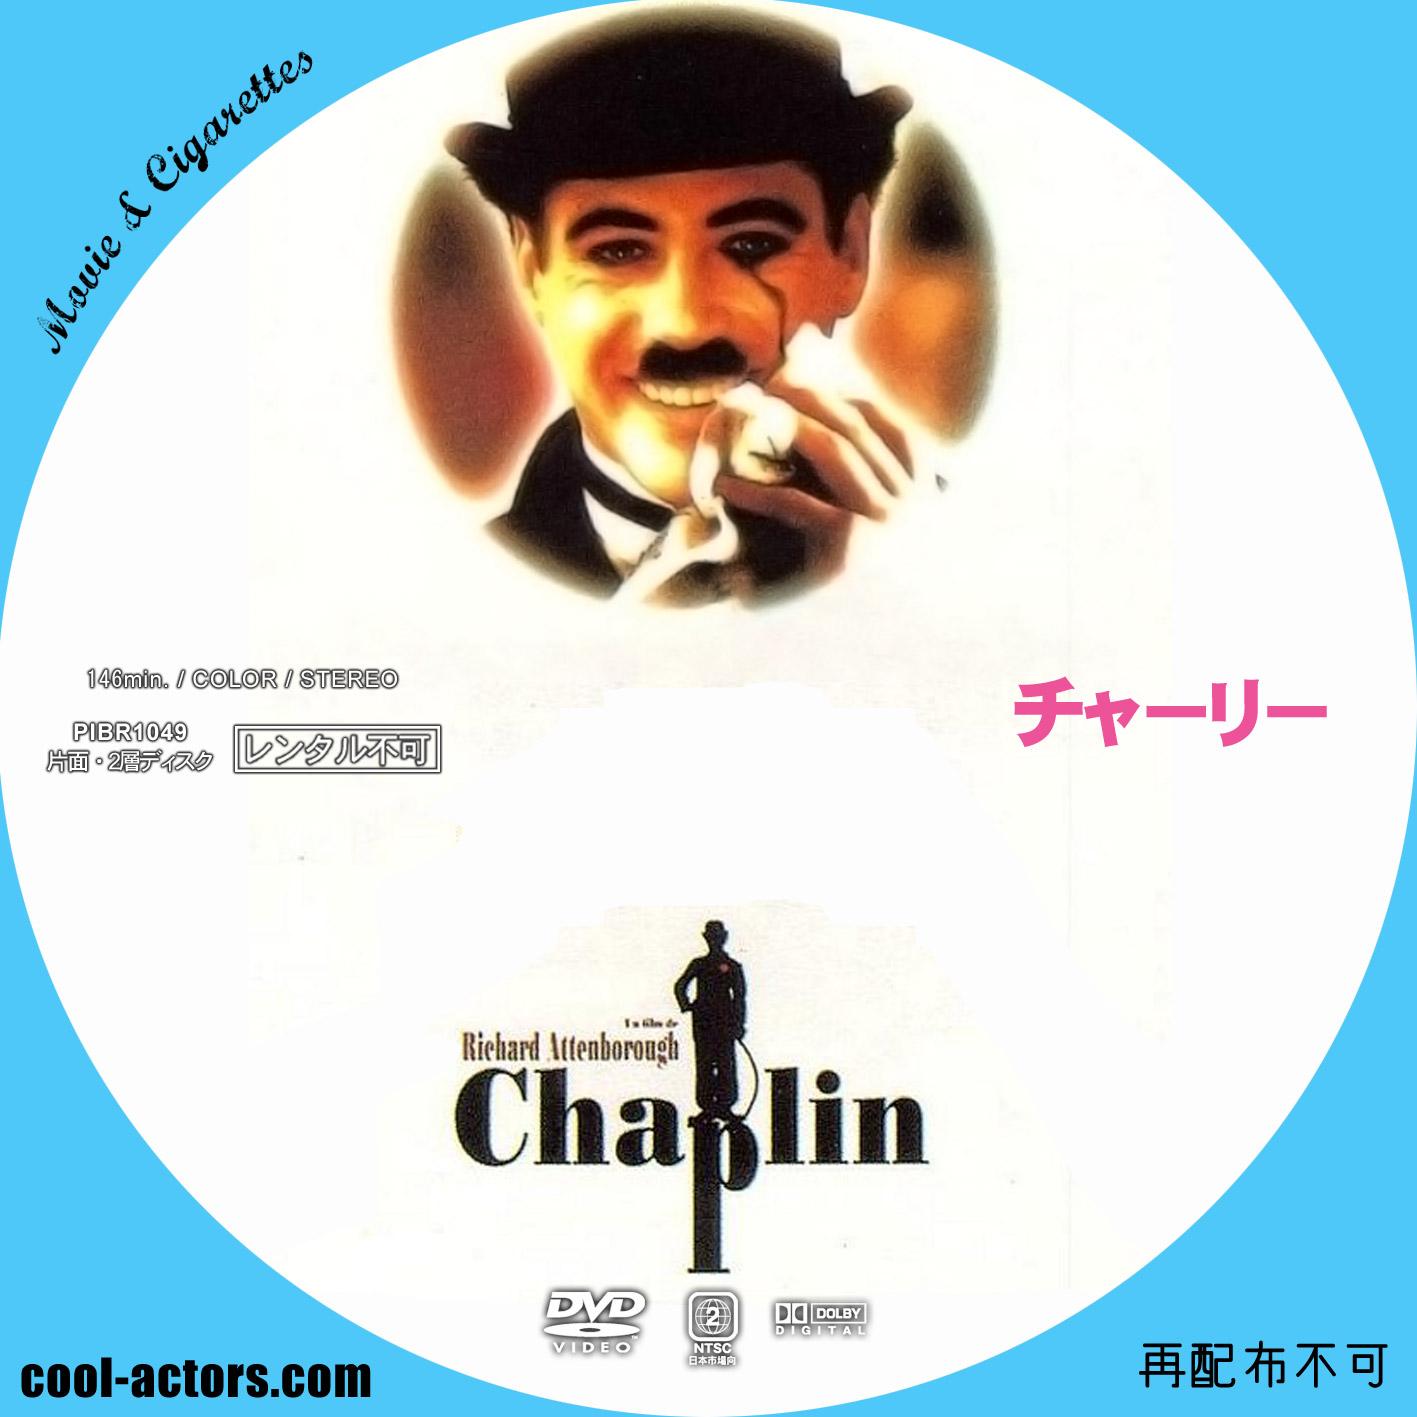 チャーリー・チャップリンの画像 p1_27